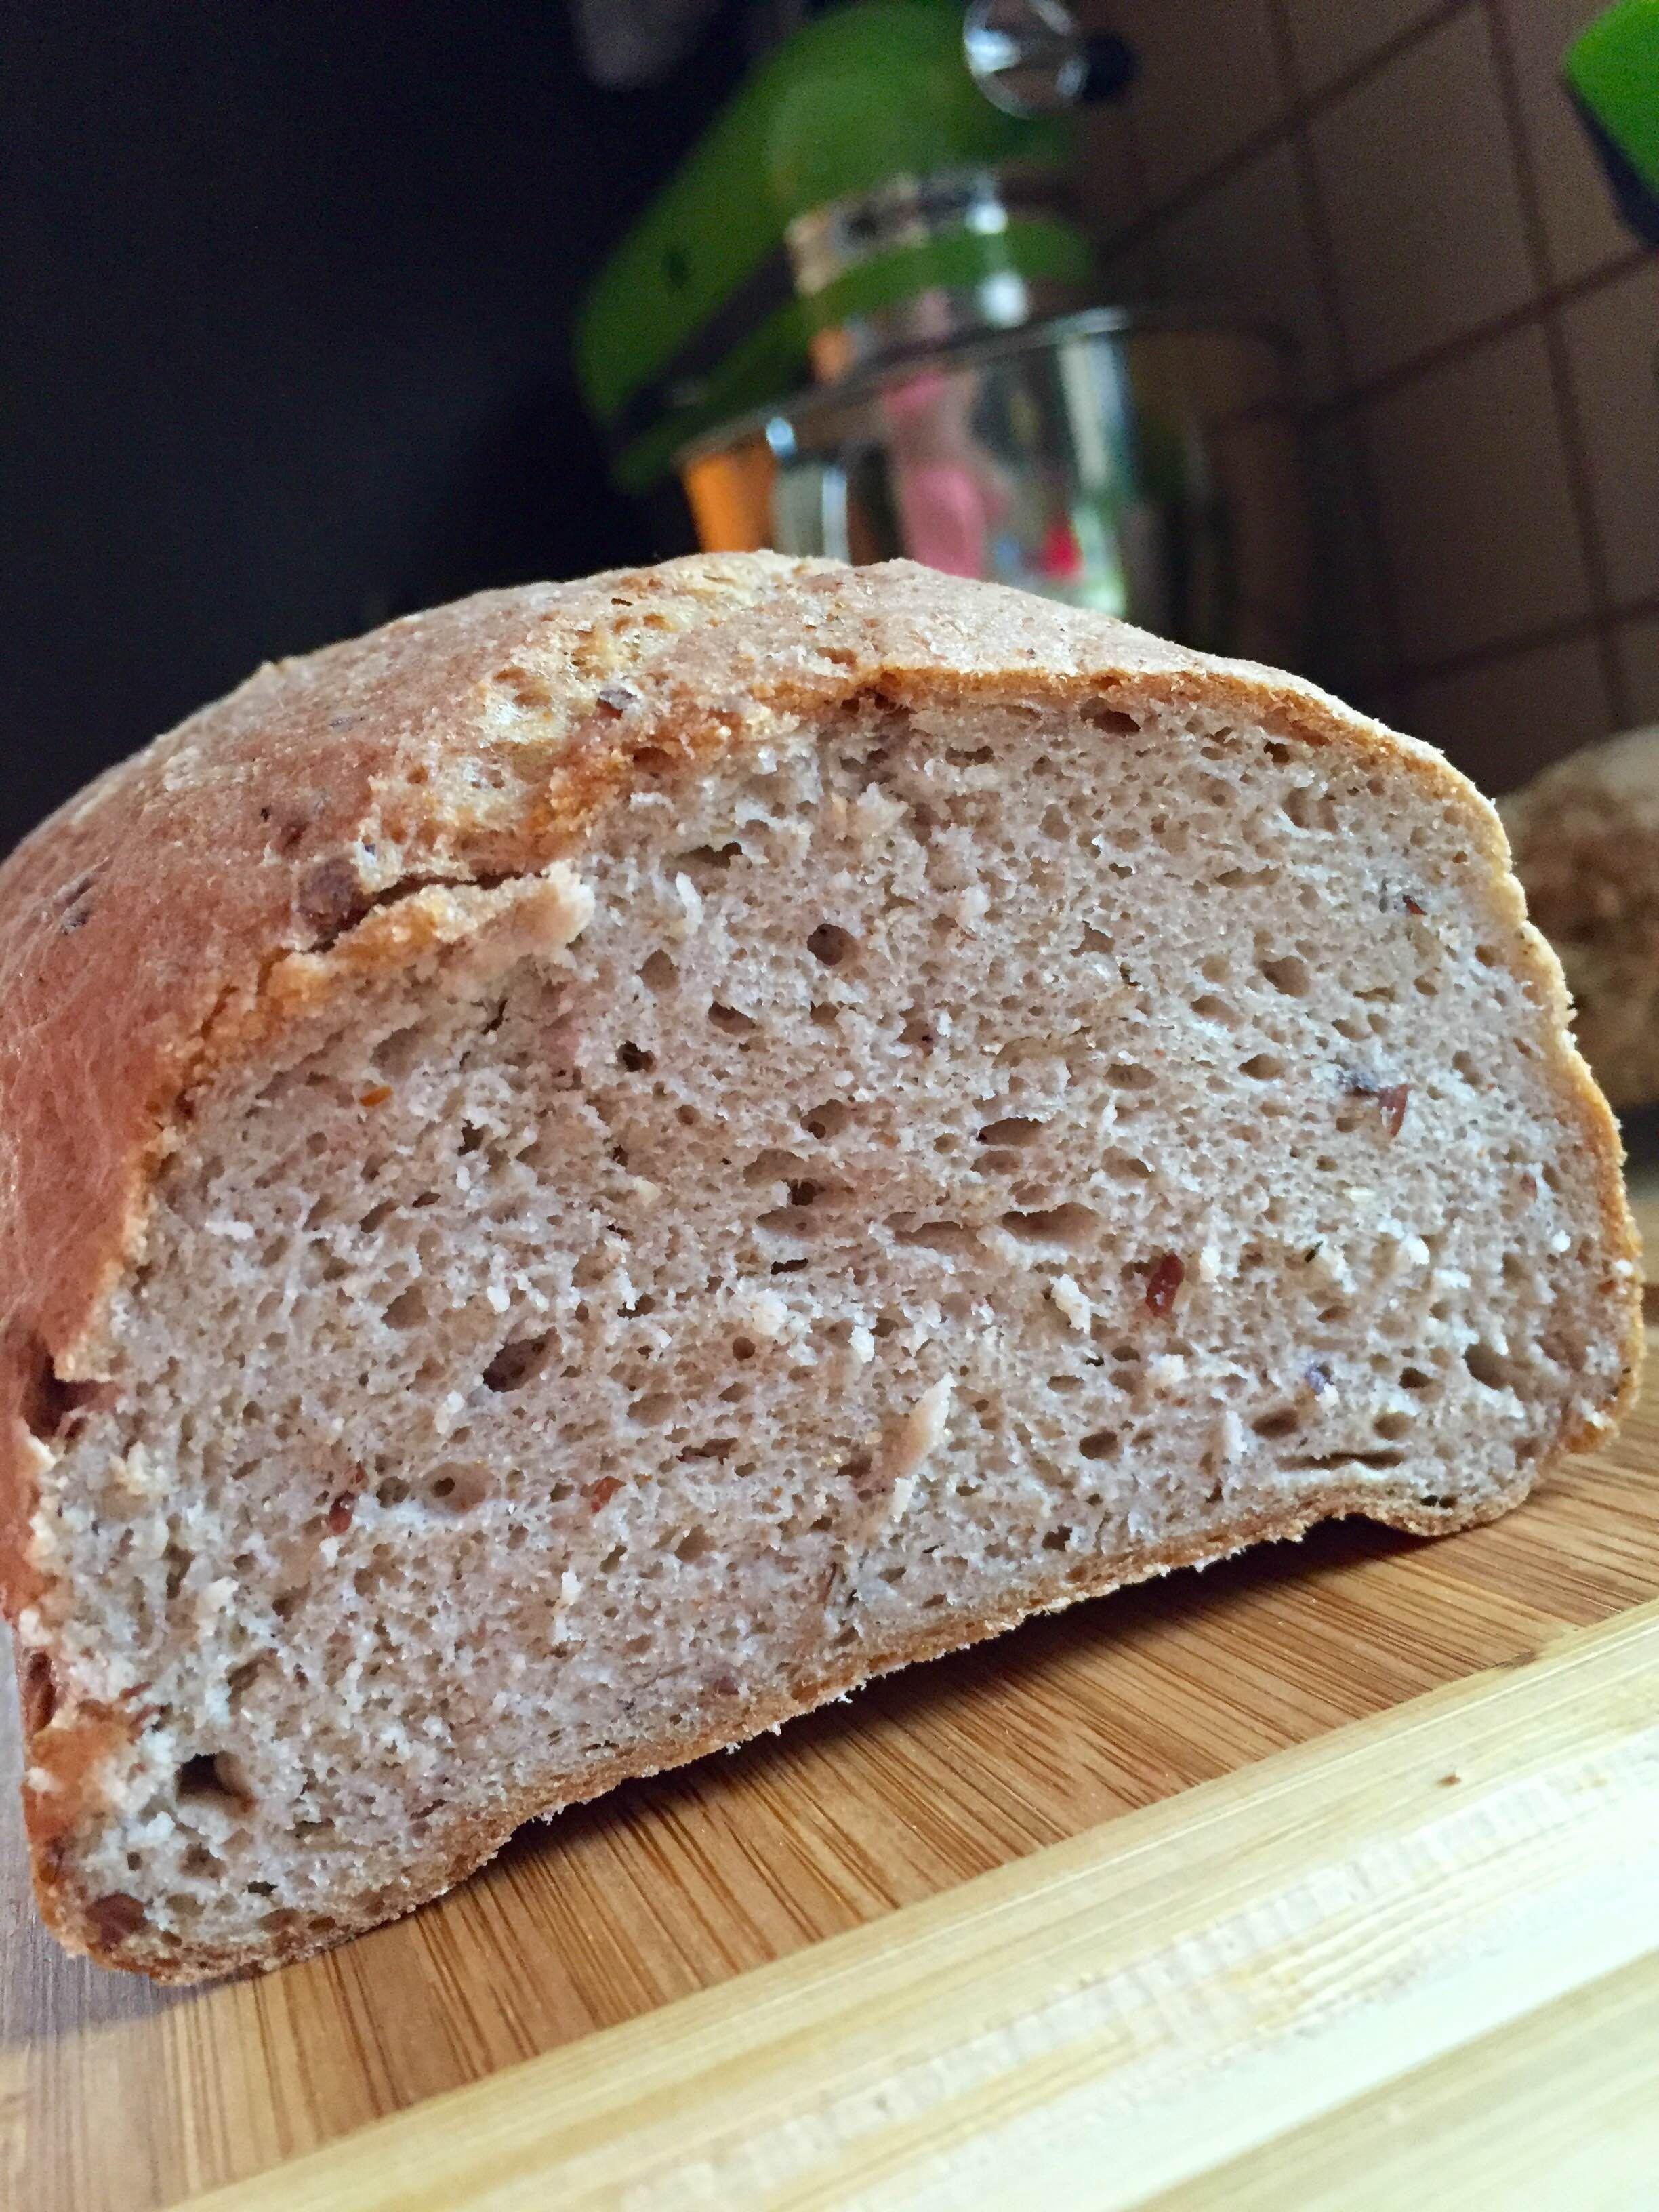 Zsófi mindenmentes kenyere, avagy glutén, tej, tojás, kukorica és burgonyamentes barna kenyér   infoBlog   infoRábaköz   Friss hírek, helyi hírek, országos hírek, sport hírek, bulvár hírek